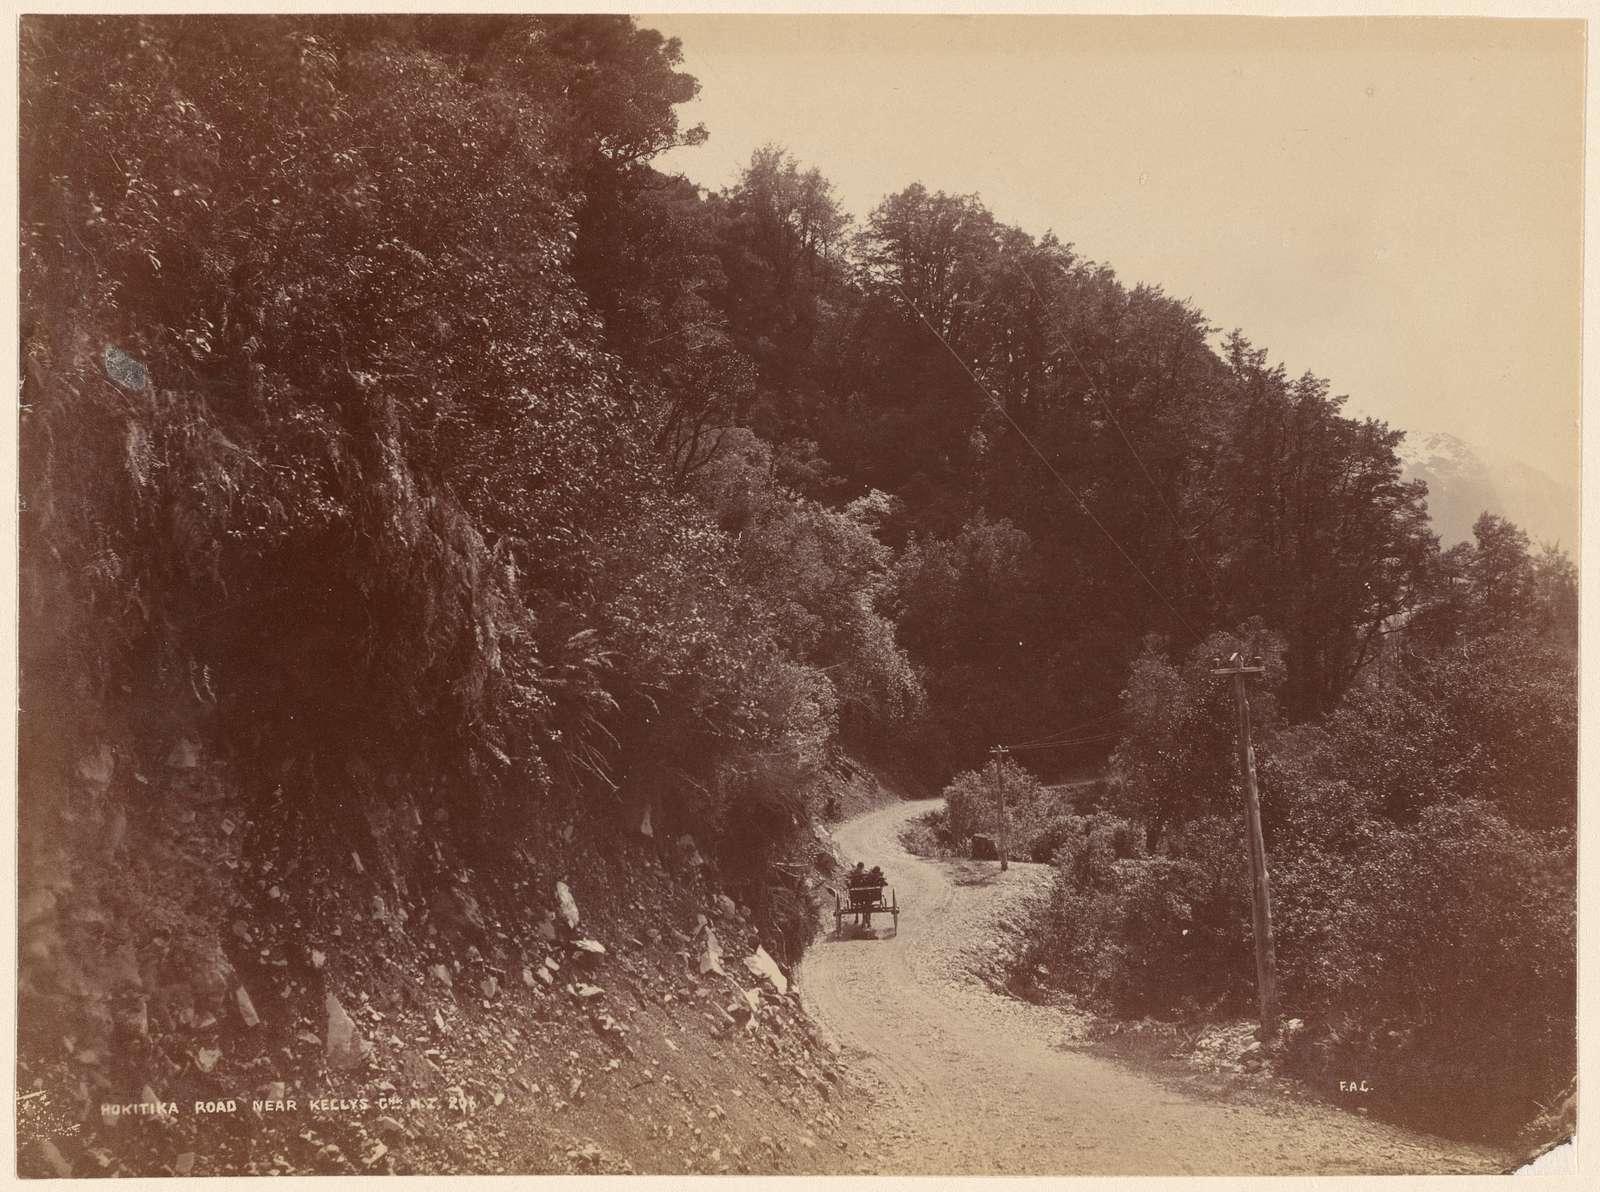 Hokitika Road near Kelly's G[...], N. Z.